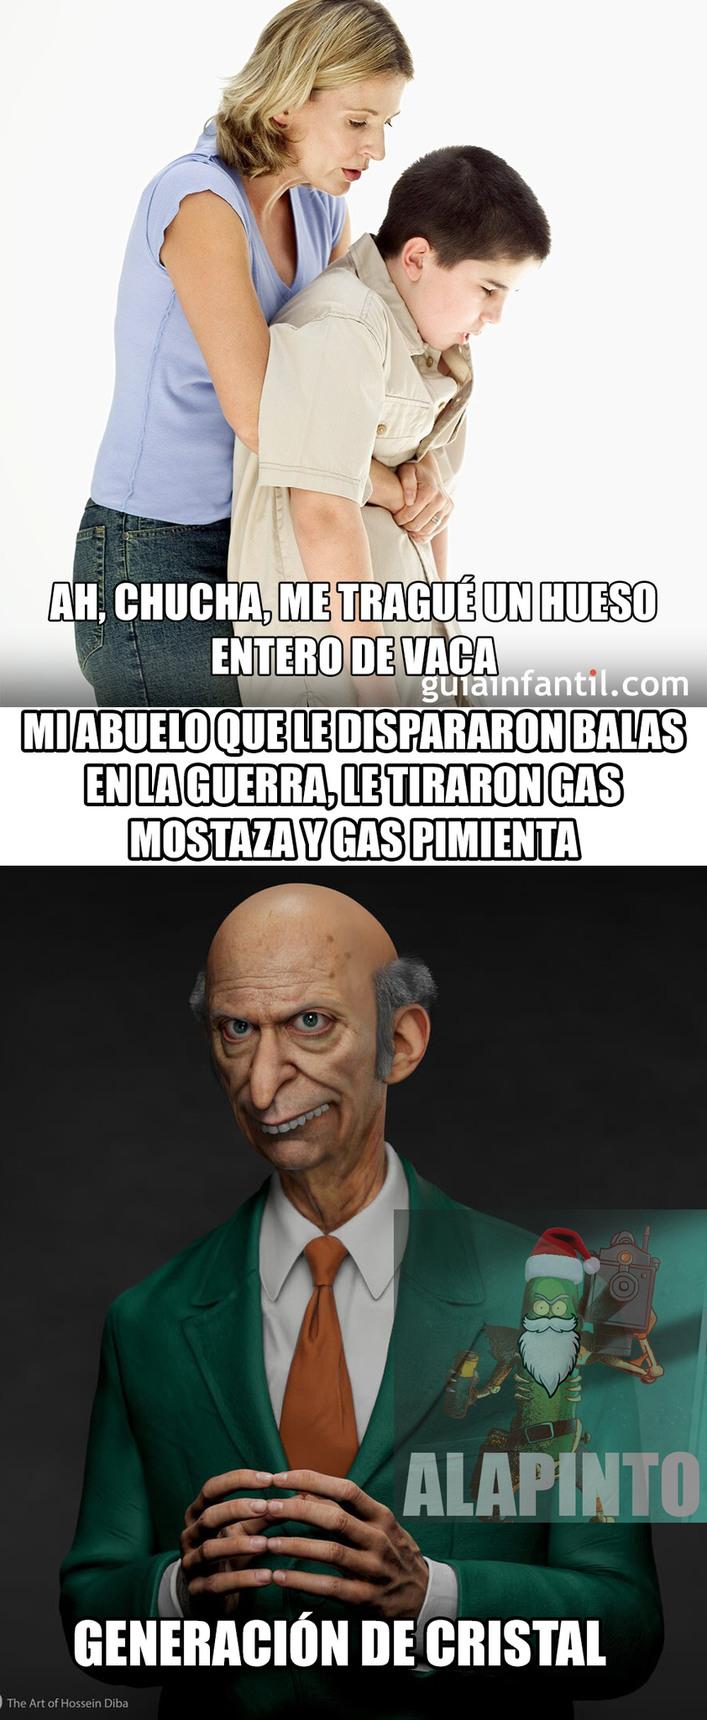 TREMENDA GENERACIÓN DE CRISTAL - meme